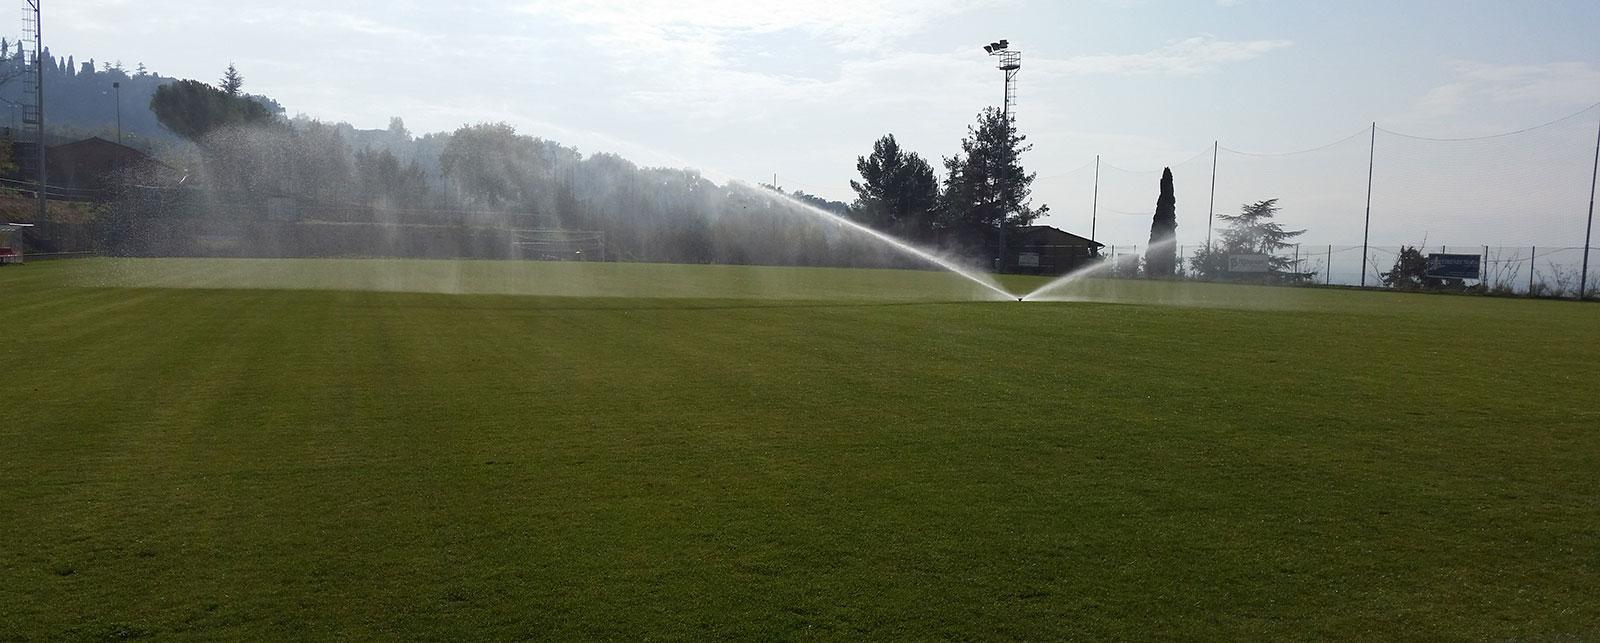 Impianti irrigazione per giardino a perugia for Progettare un impianto di irrigazione